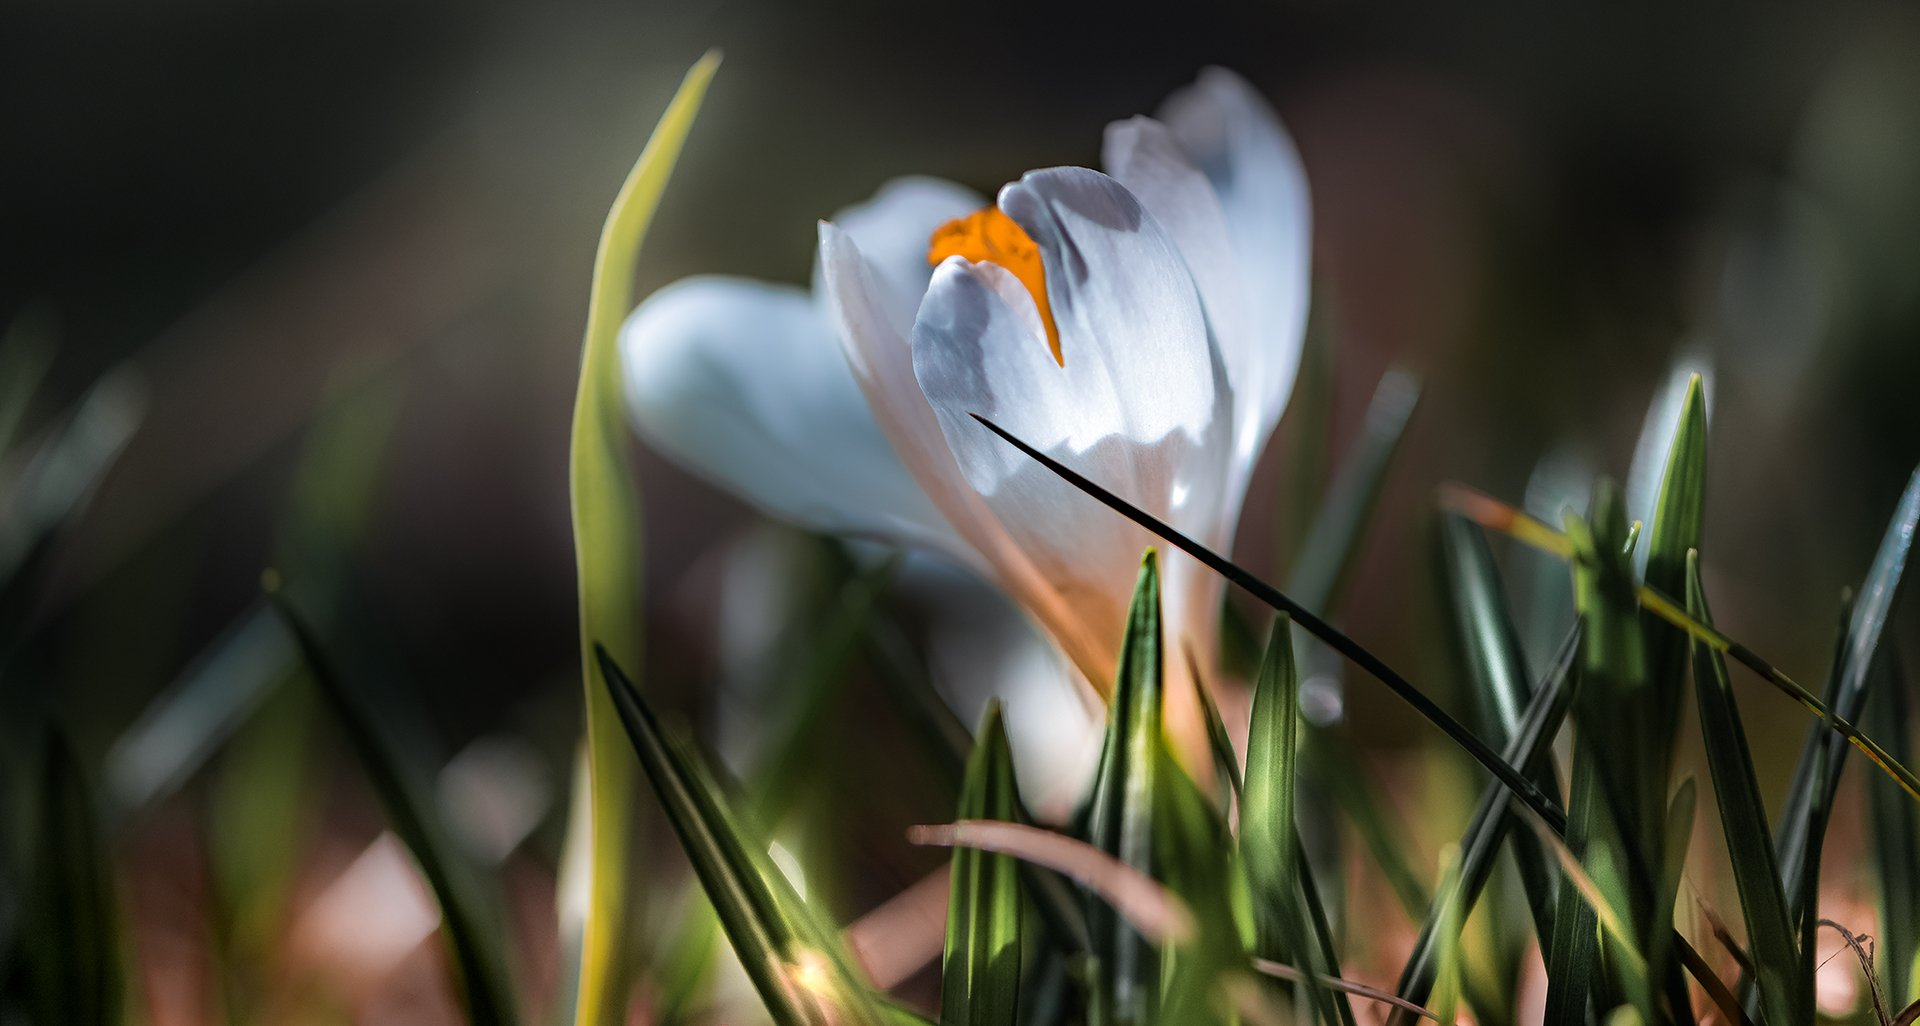 природа, макро, весна, подснежники, крокус, белый, Неля Рачкова